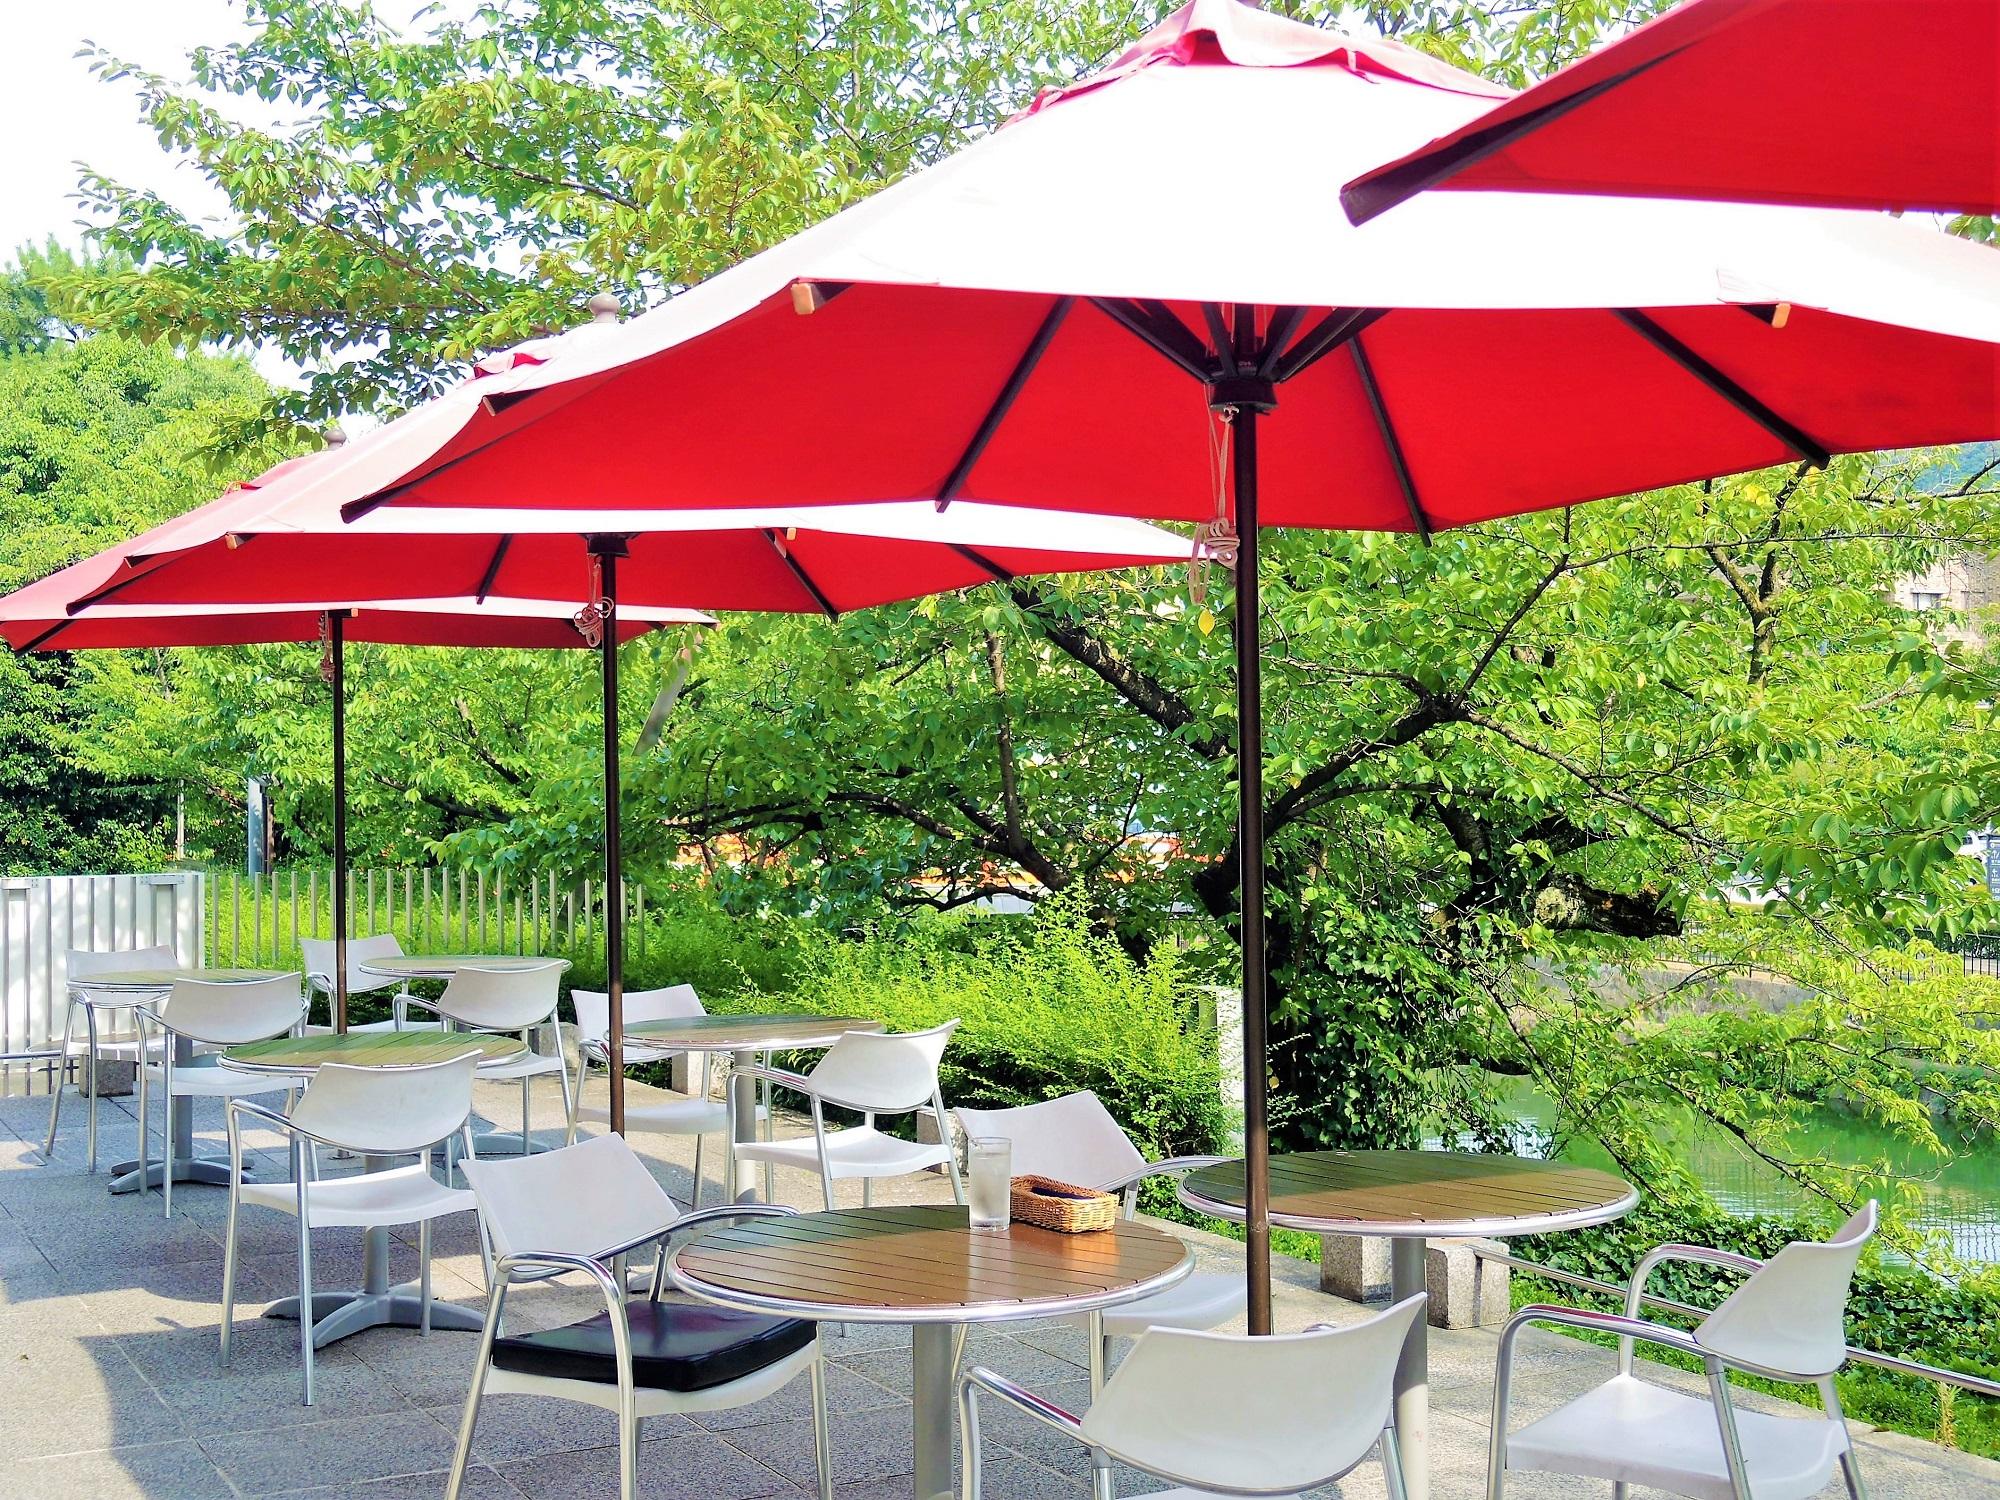 ☕ 京都カフェとグルメ 美味しいスイーツとランチ